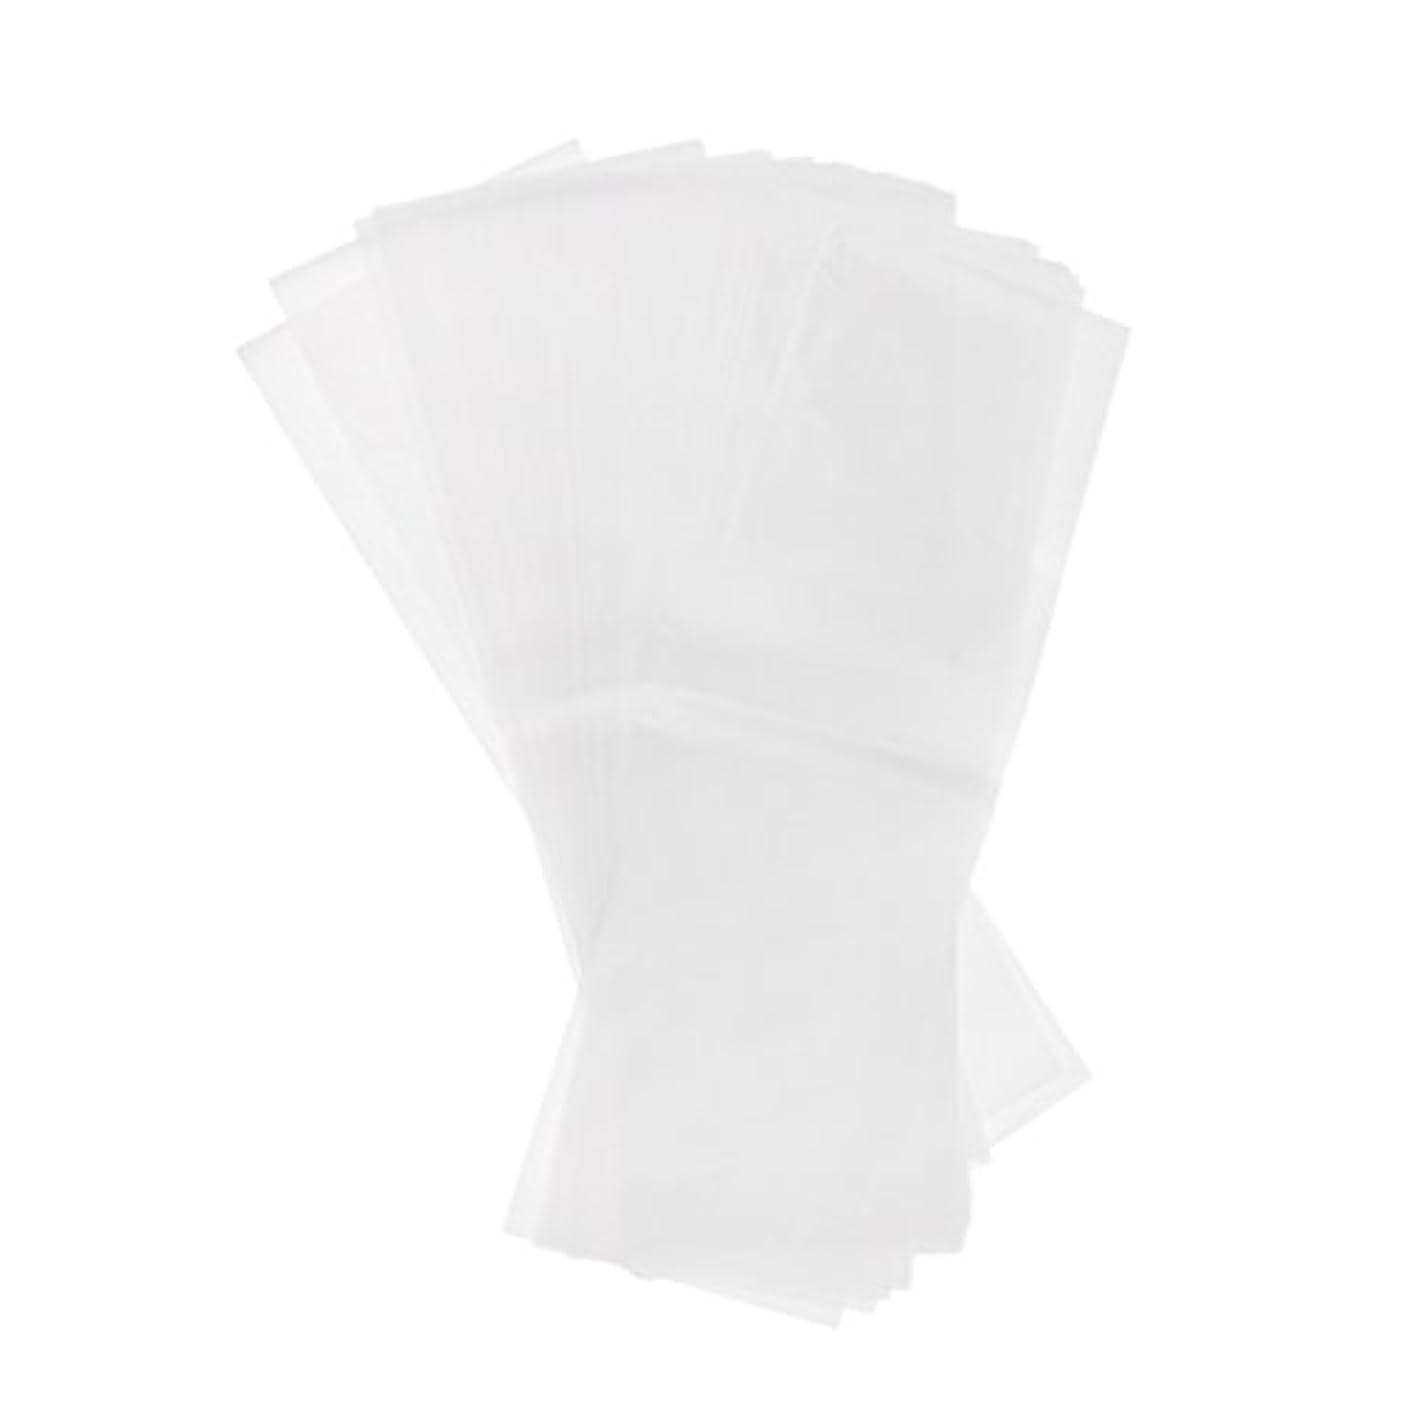 原子憤るテロ約50枚 毛染め 分版用紙 プラスチック製 染毛紙 色のハイライト おしゃれ染め 2仕様選べる - ホワイト